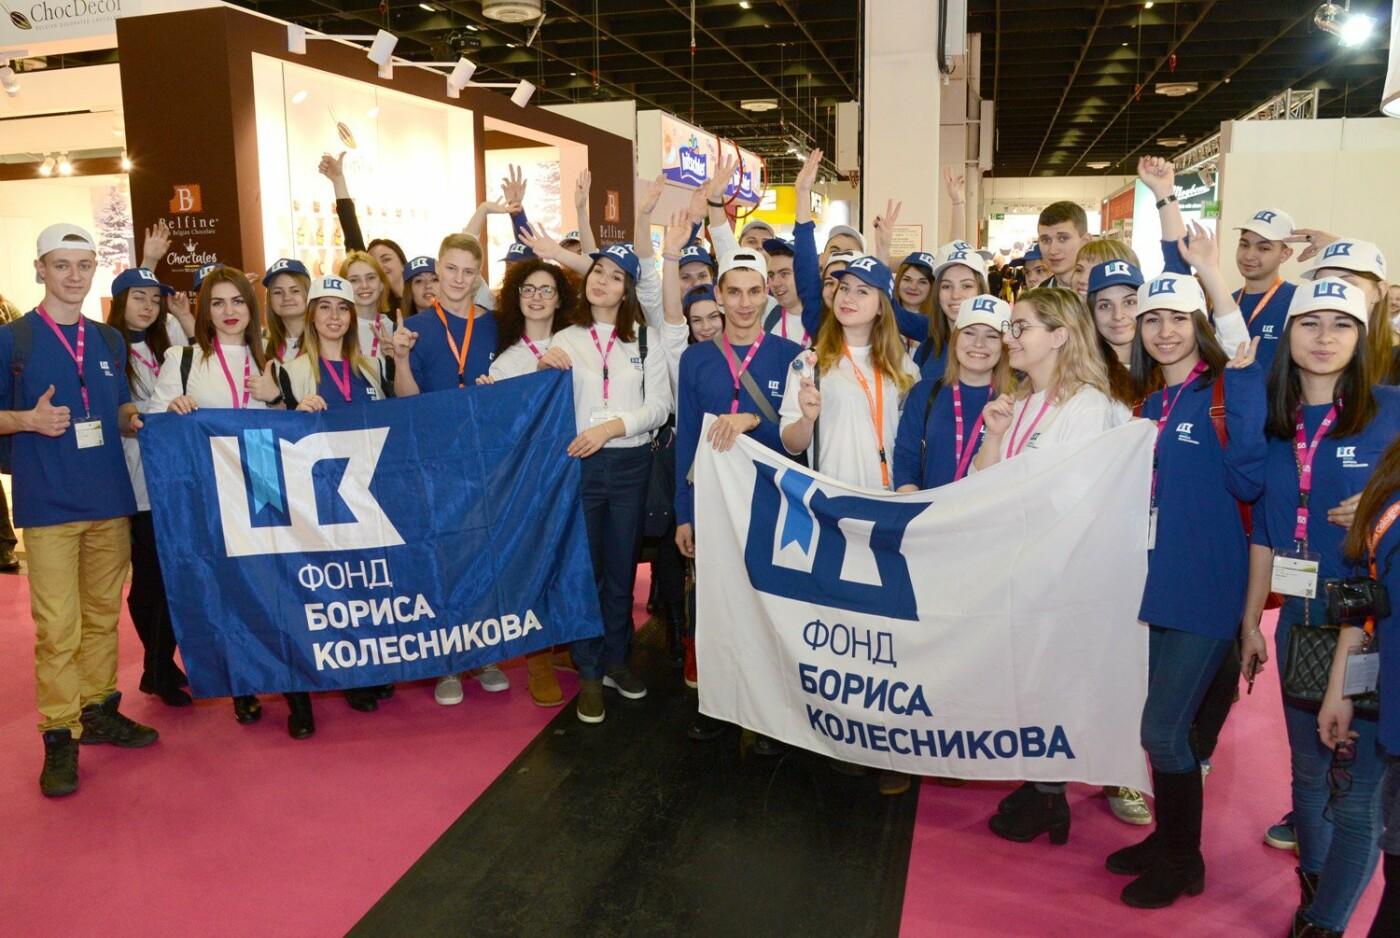 Благодійником 2018 року в сфері науки і освіти став Фонд Бориса Колеснікова, фото-4